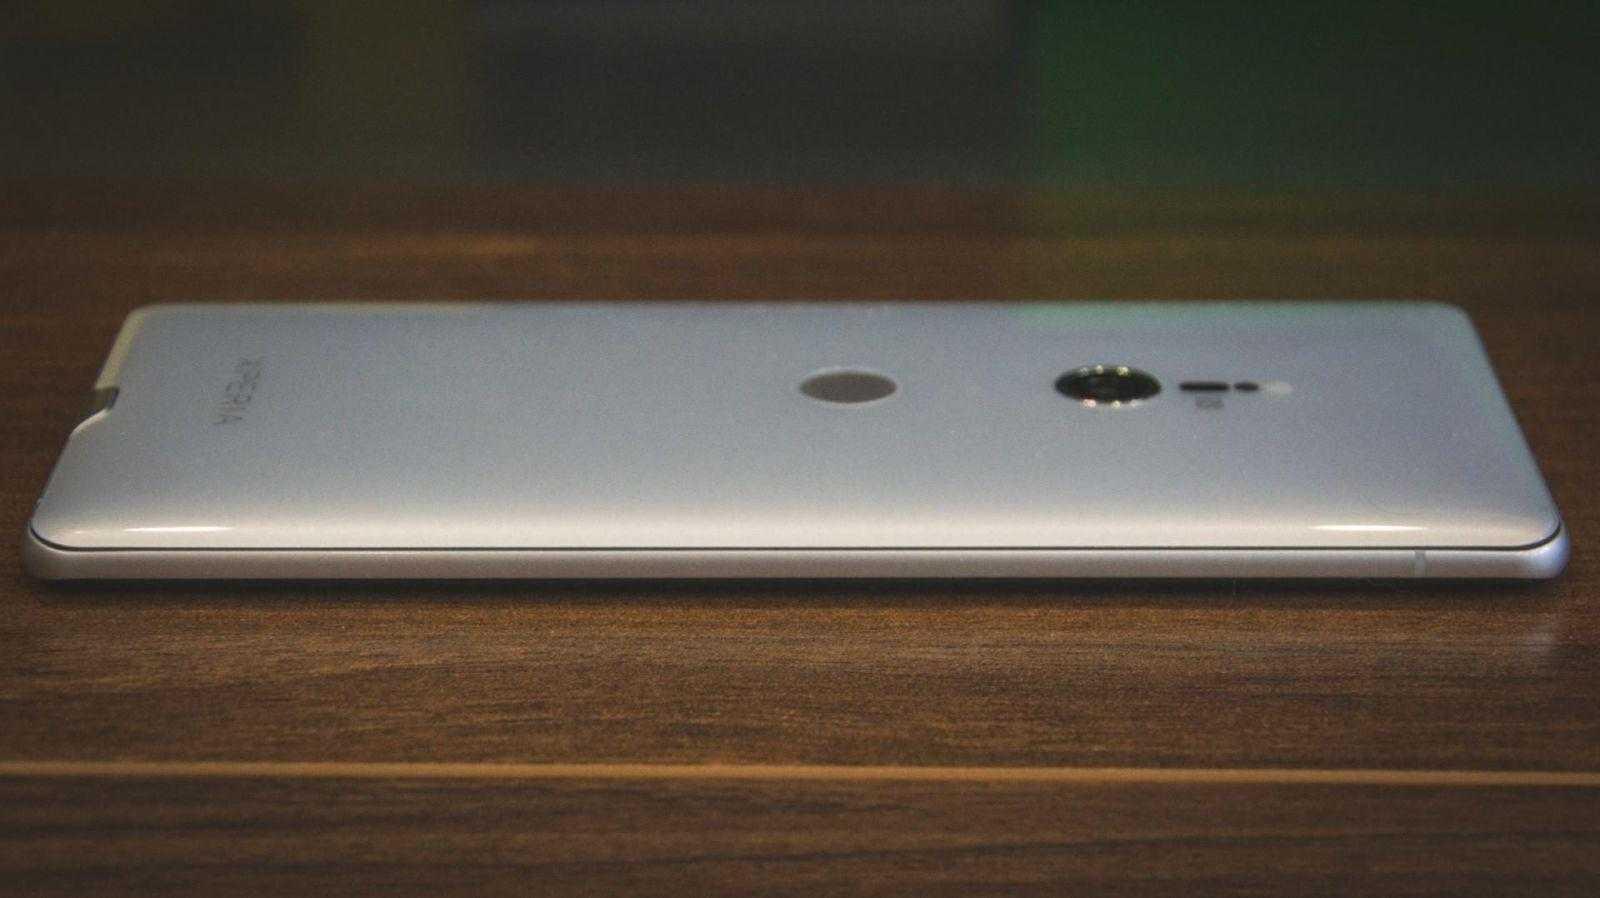 Обзор смартфона Sony Xperia XZ3. Идеальный флагман (dsc 6733)